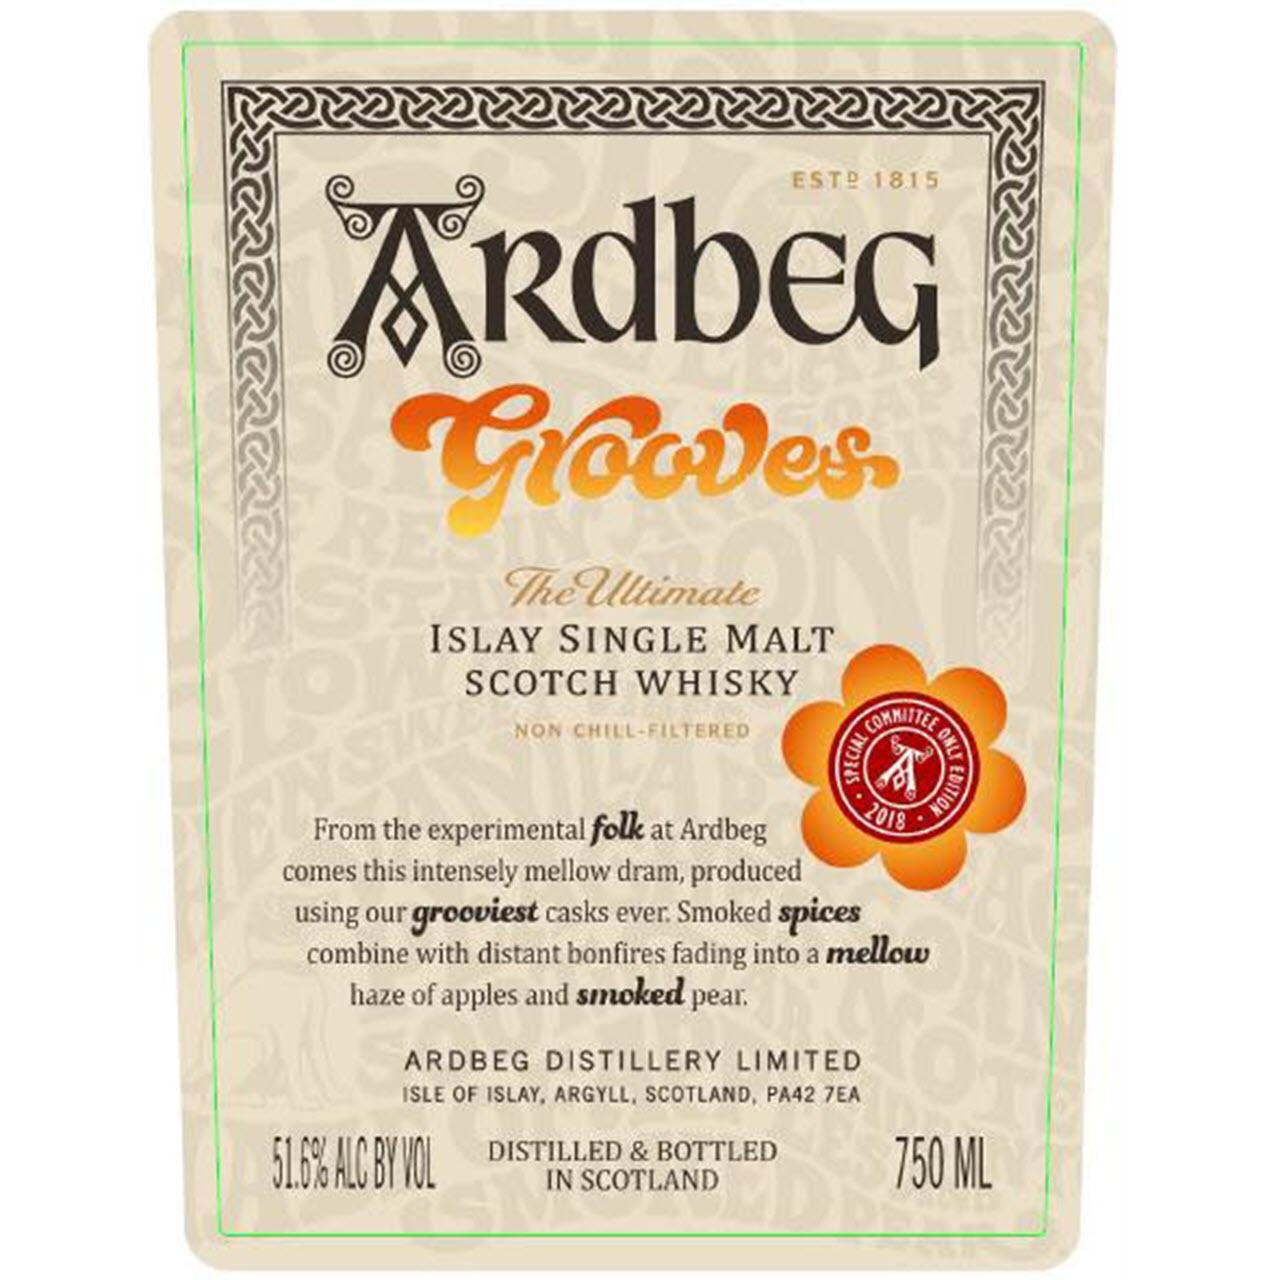 Ardbeg-Grooves-Committe-Release.jpg